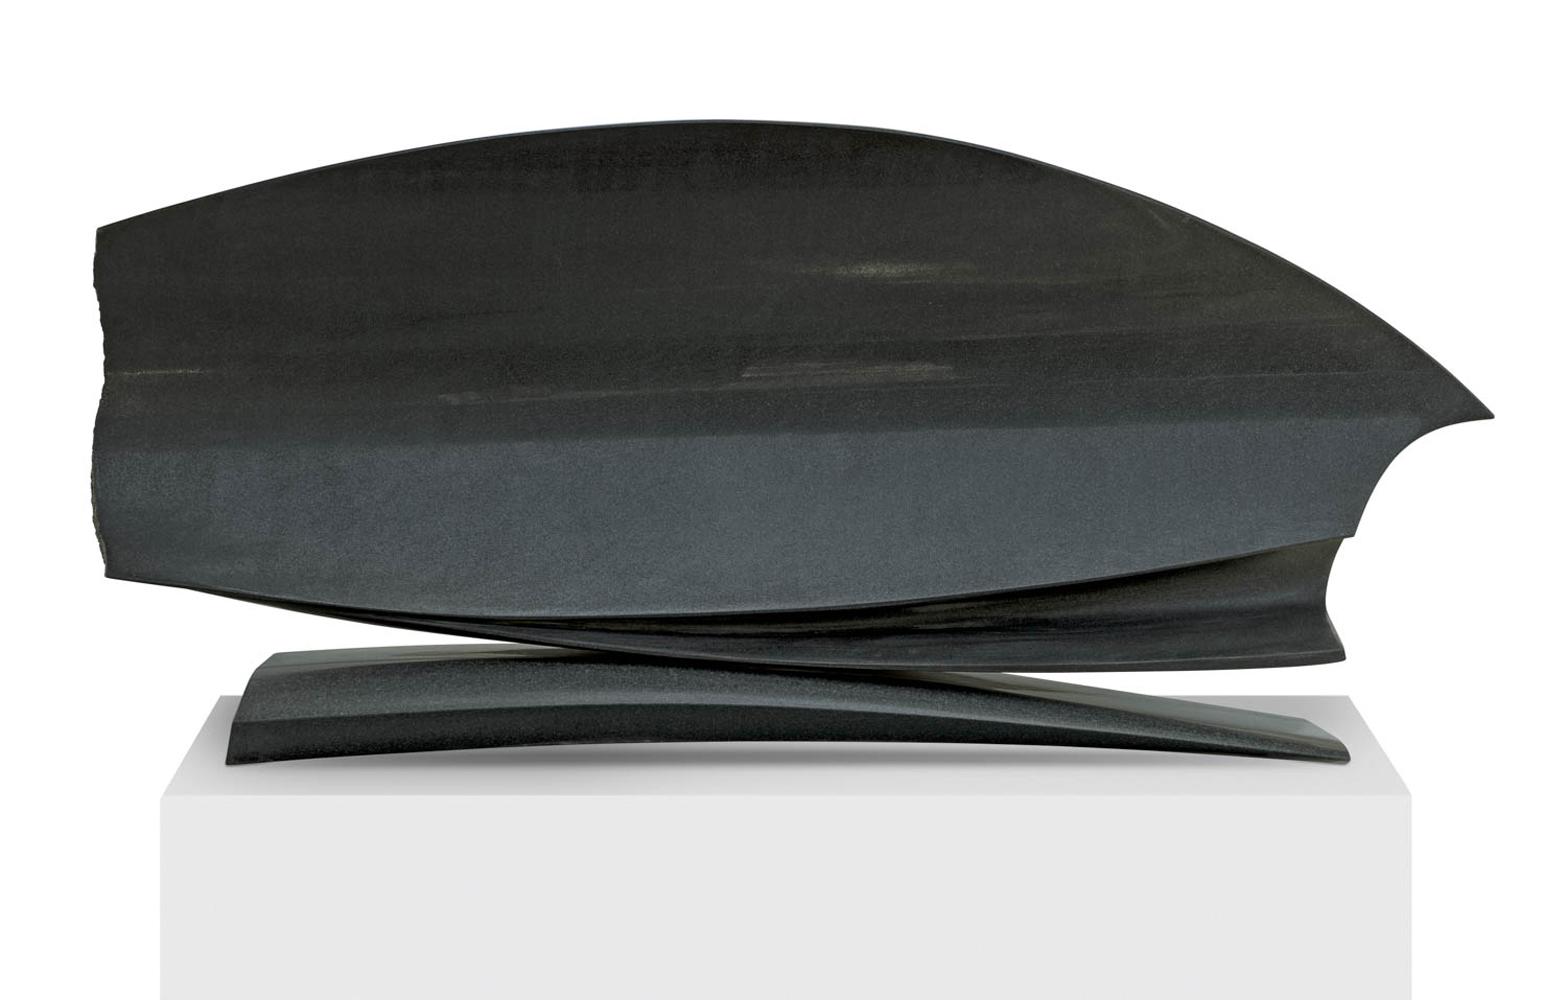 Le grand réflecteur, Granit d'Inde, 2014, 80 x 160 x 45 cm